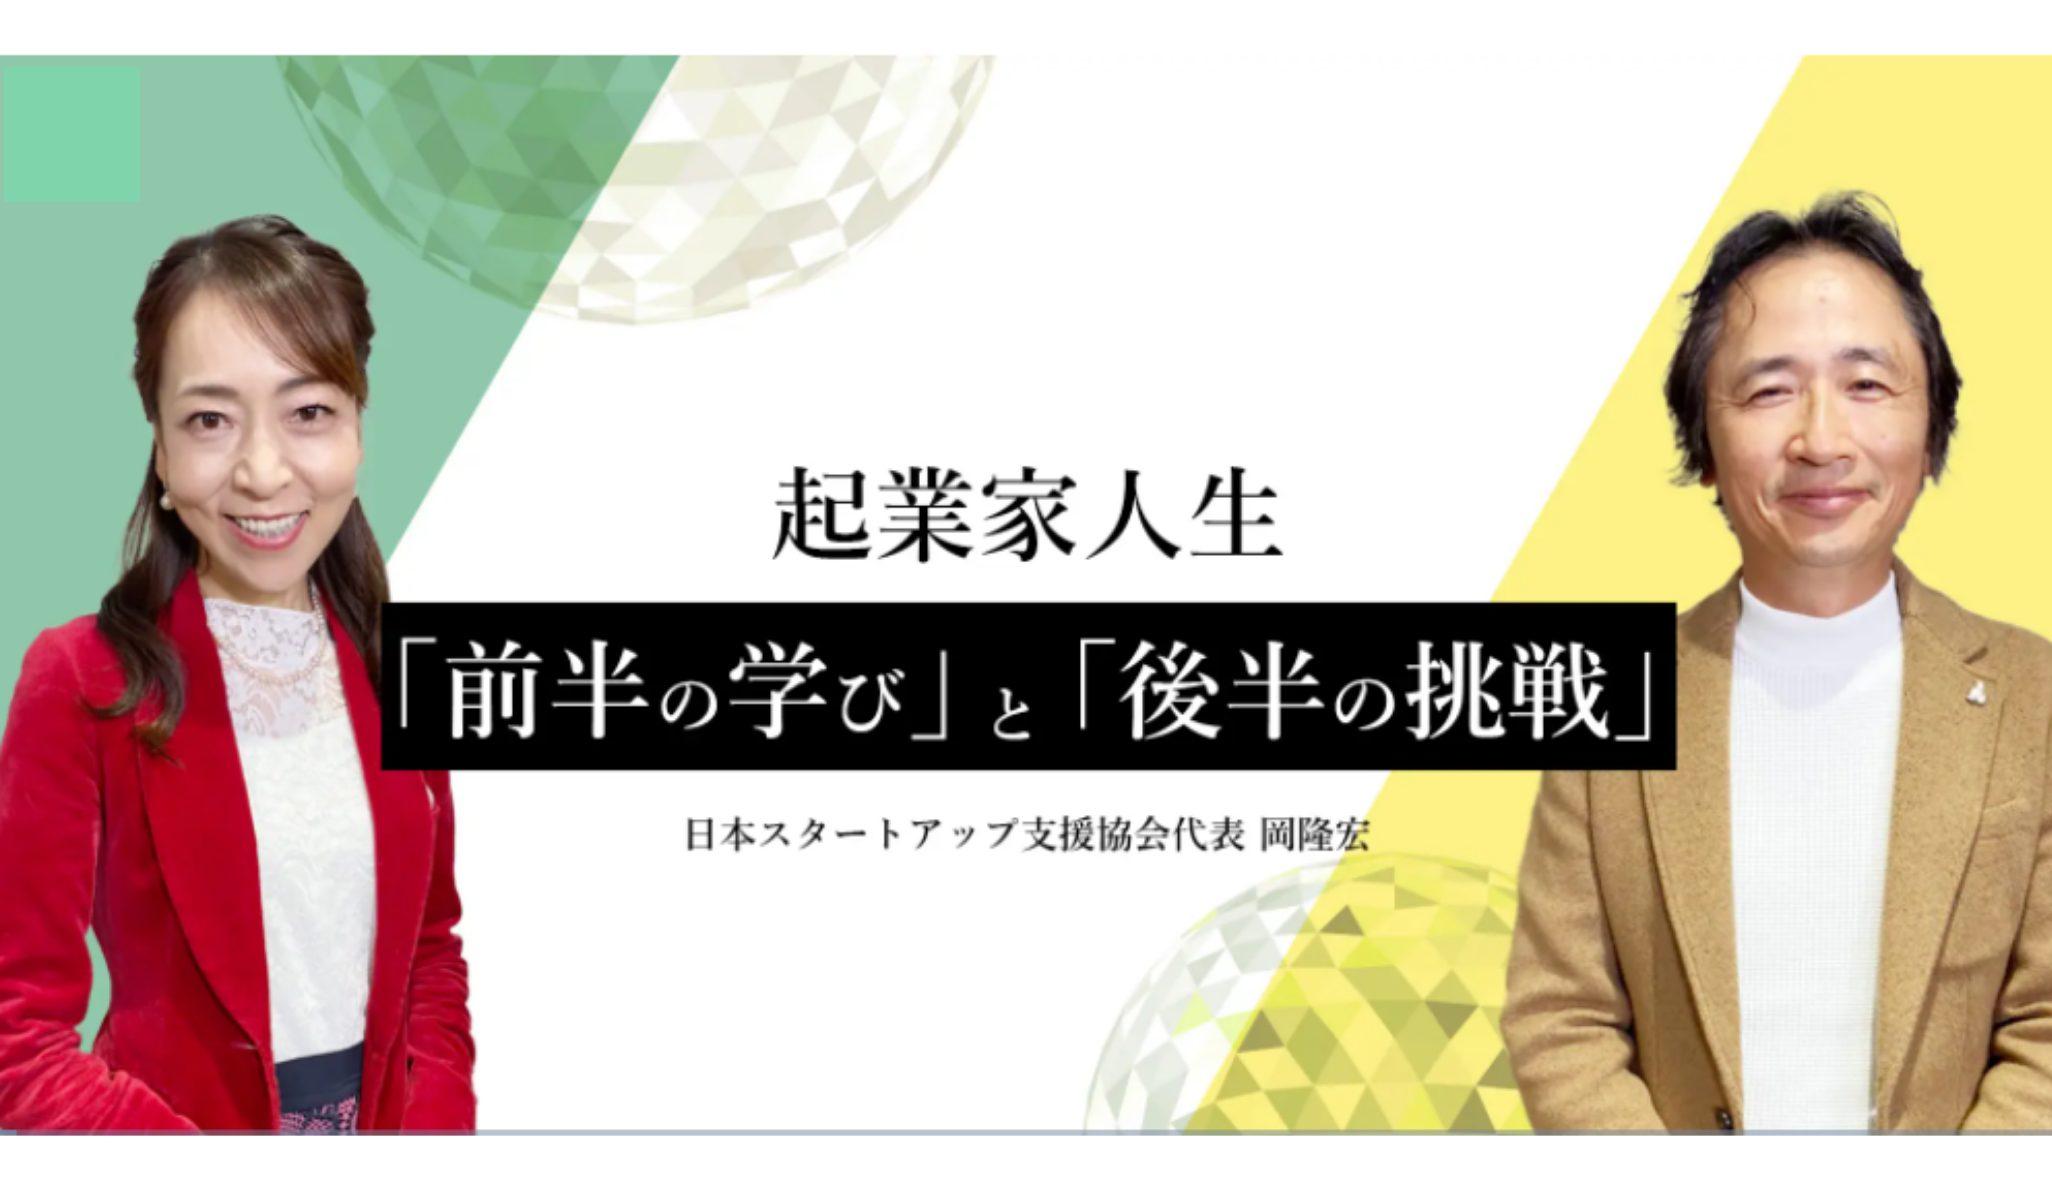 【SeminarShelf(セミナー動画プラットフォーム)】日本スタートアップ支援協会代表 岡隆宏氏 起業家人生「前半の学び」と「後半の挑戦」